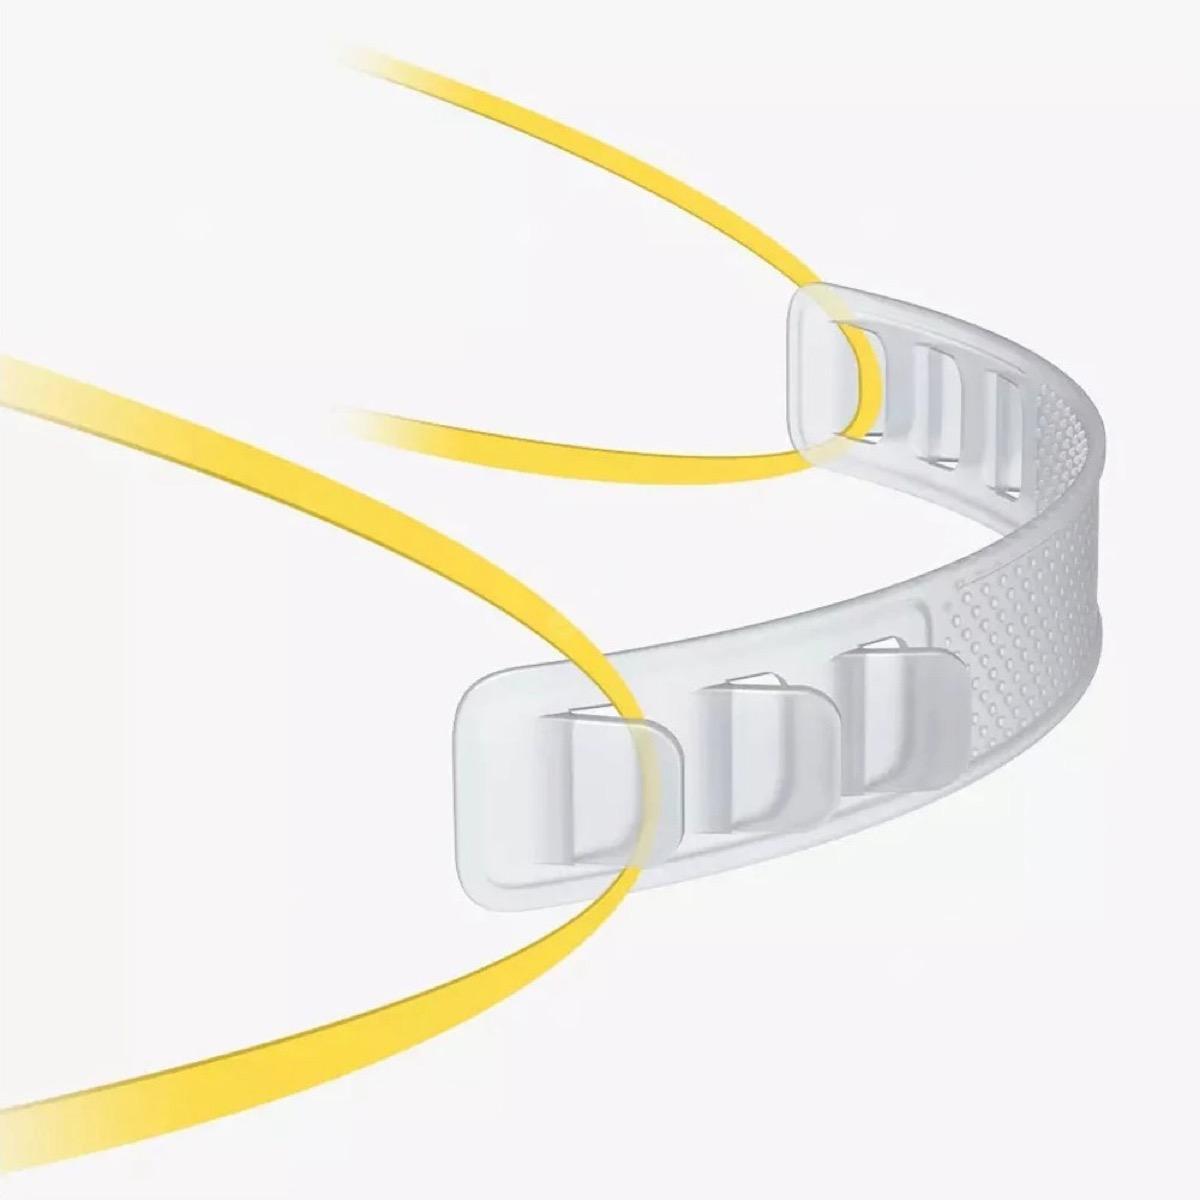 Solo 4 € i cinturini per mascherine: addio fastidio, benvenuta comodità e sicurezza